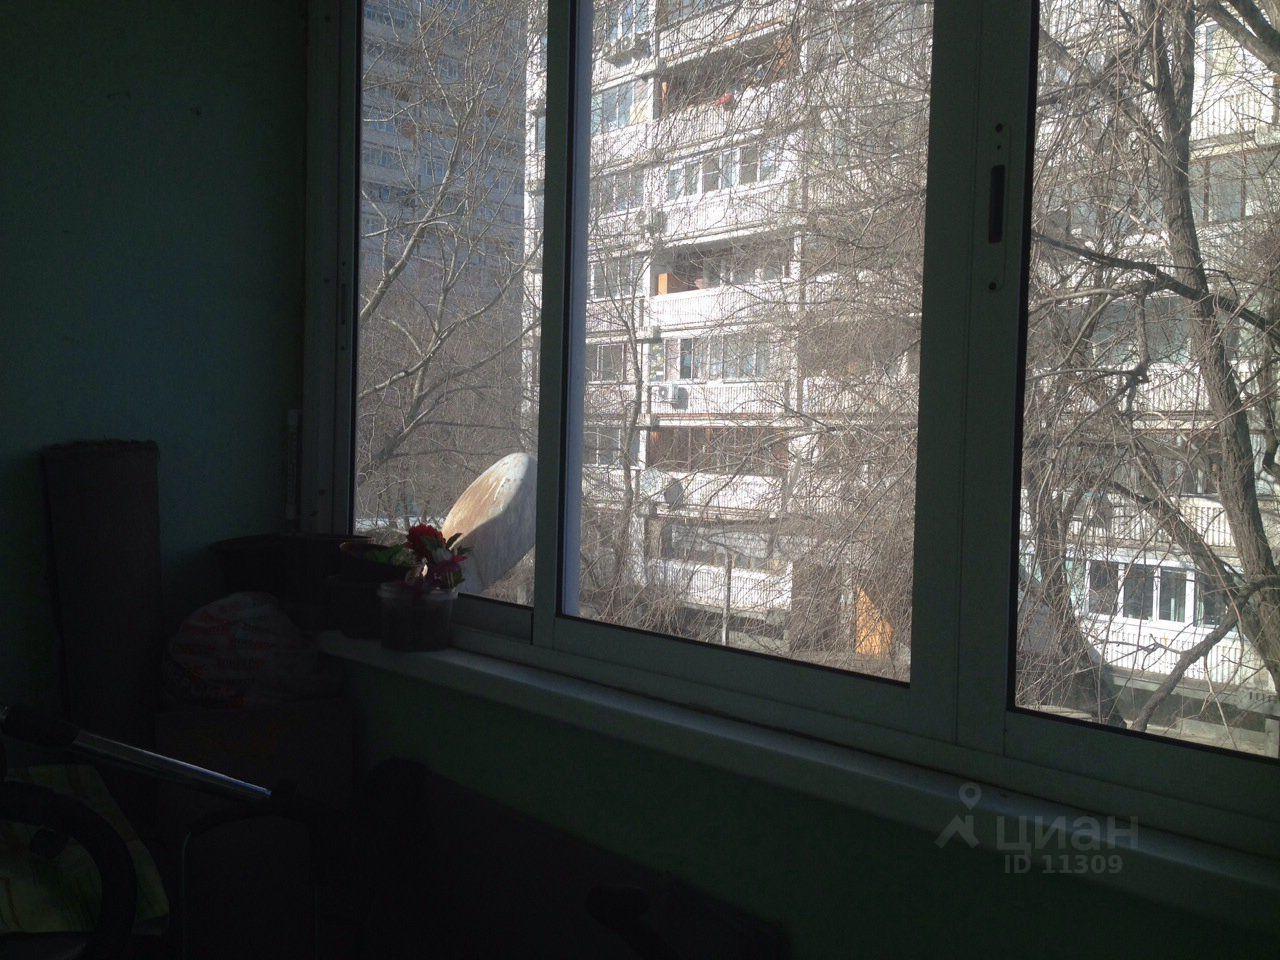 купить трехкомнатную квартиру город Москва, метро Дмитровская, Башиловская улица, д. 23К2